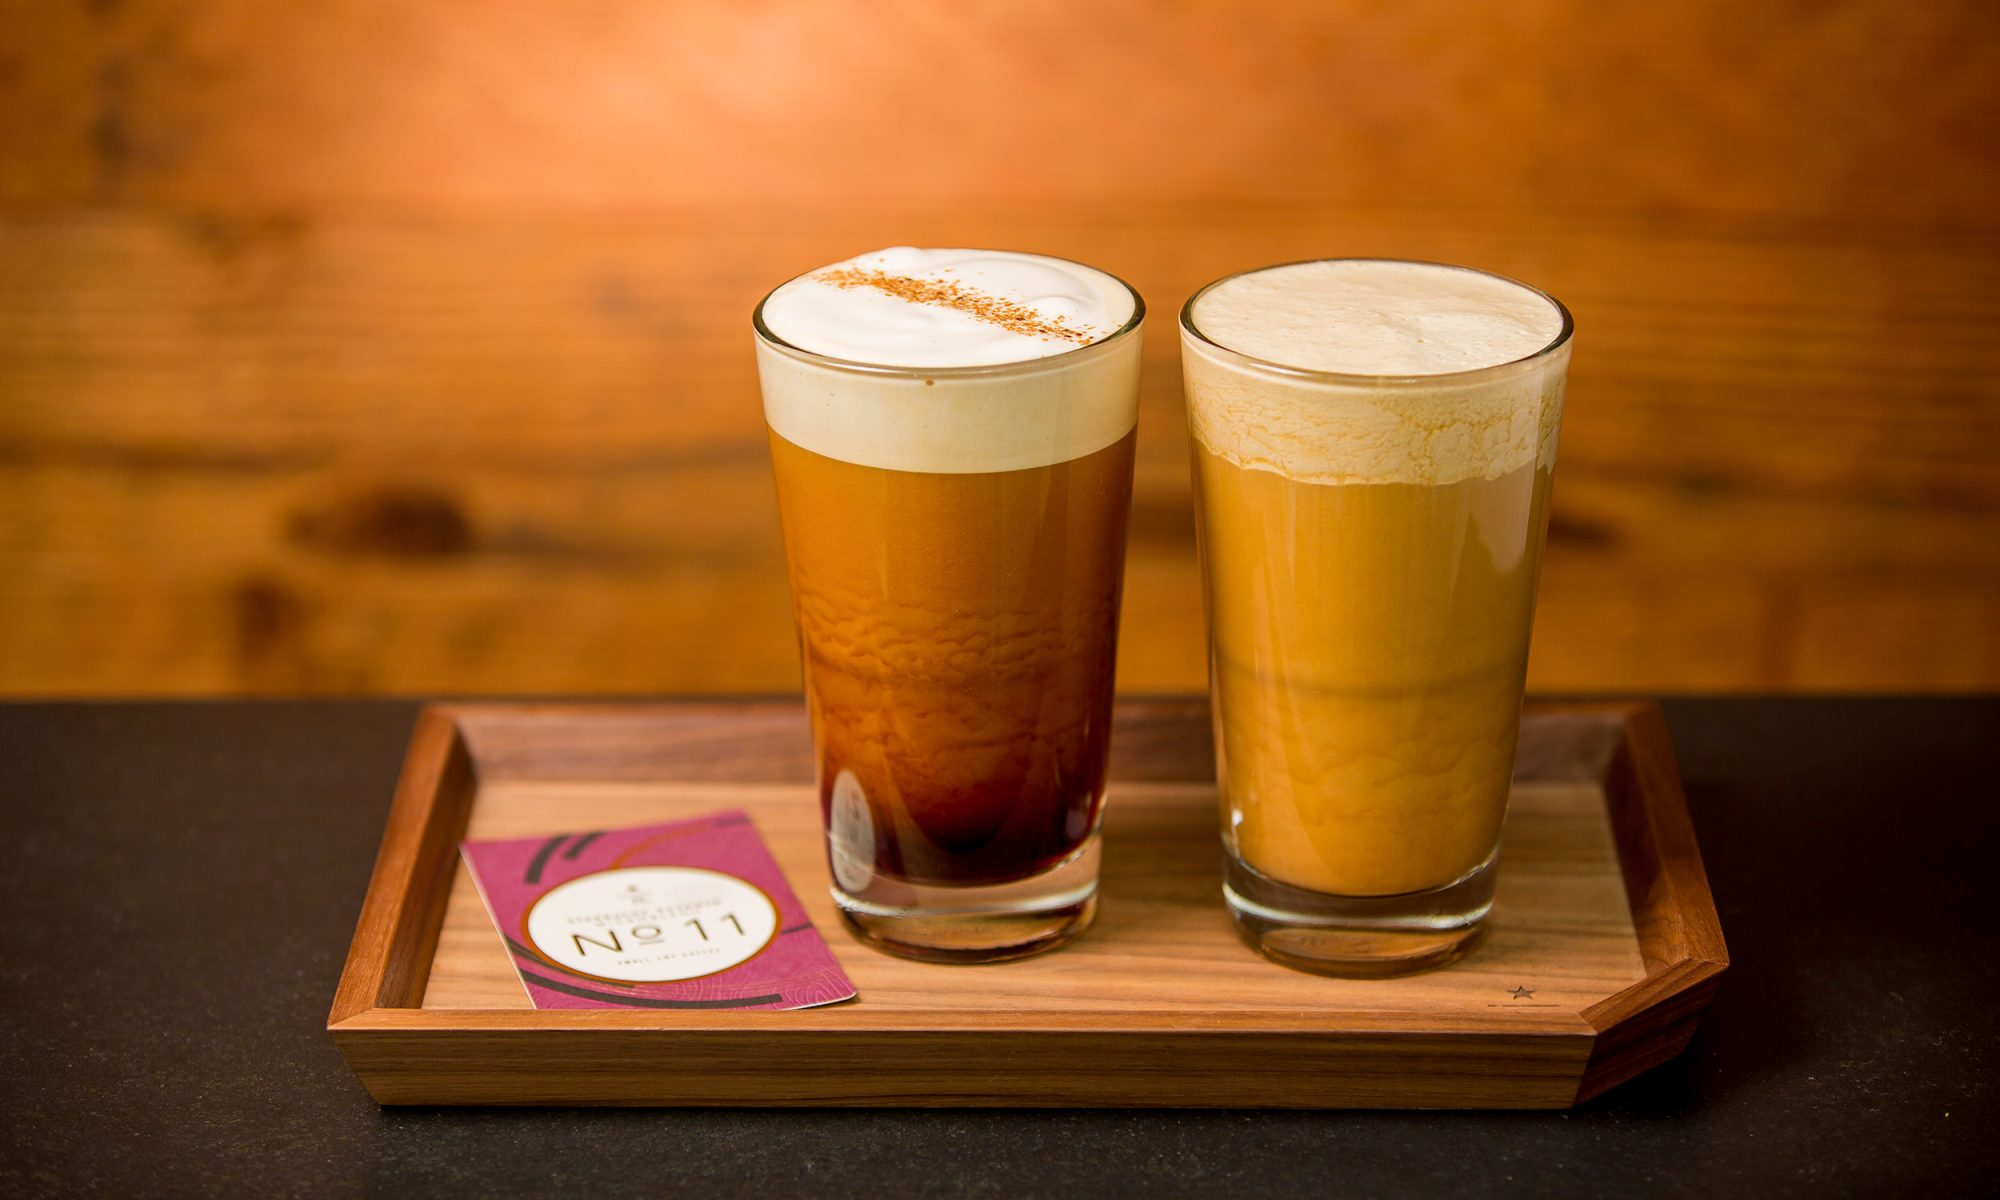 EC: Starbucks' New Coffee Drinks Look Like Clouds